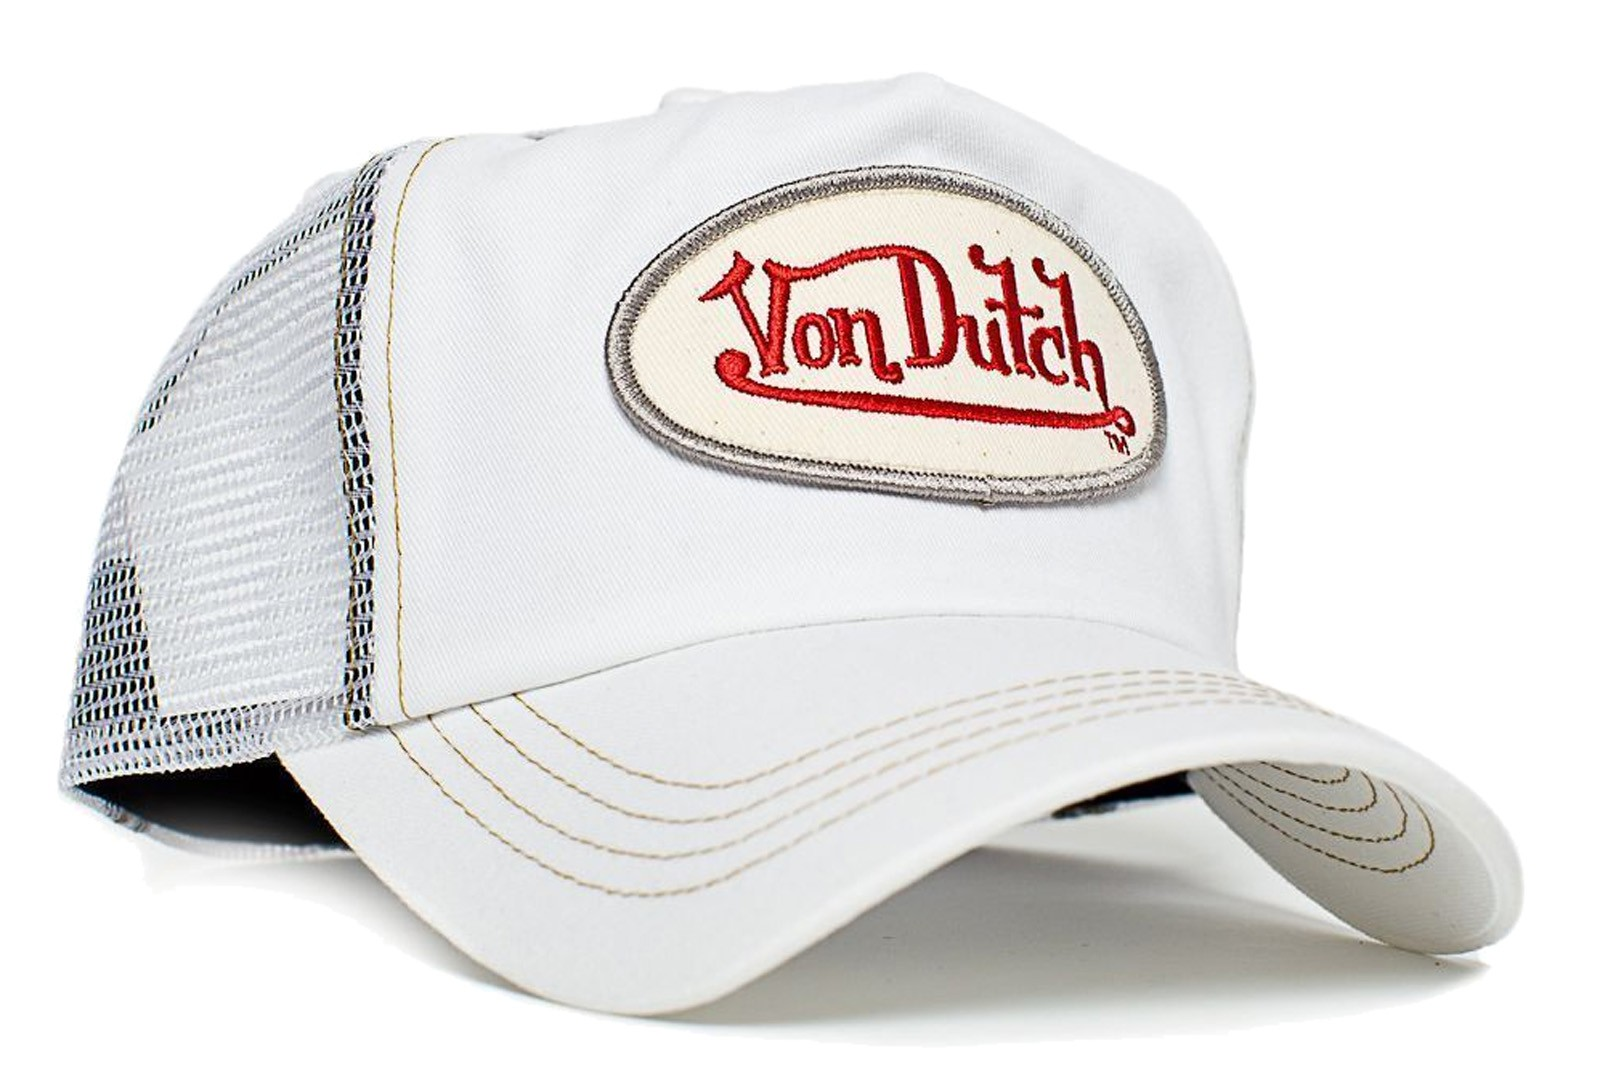 Von Dutch - Classic White/White Mesh Trucker Cap